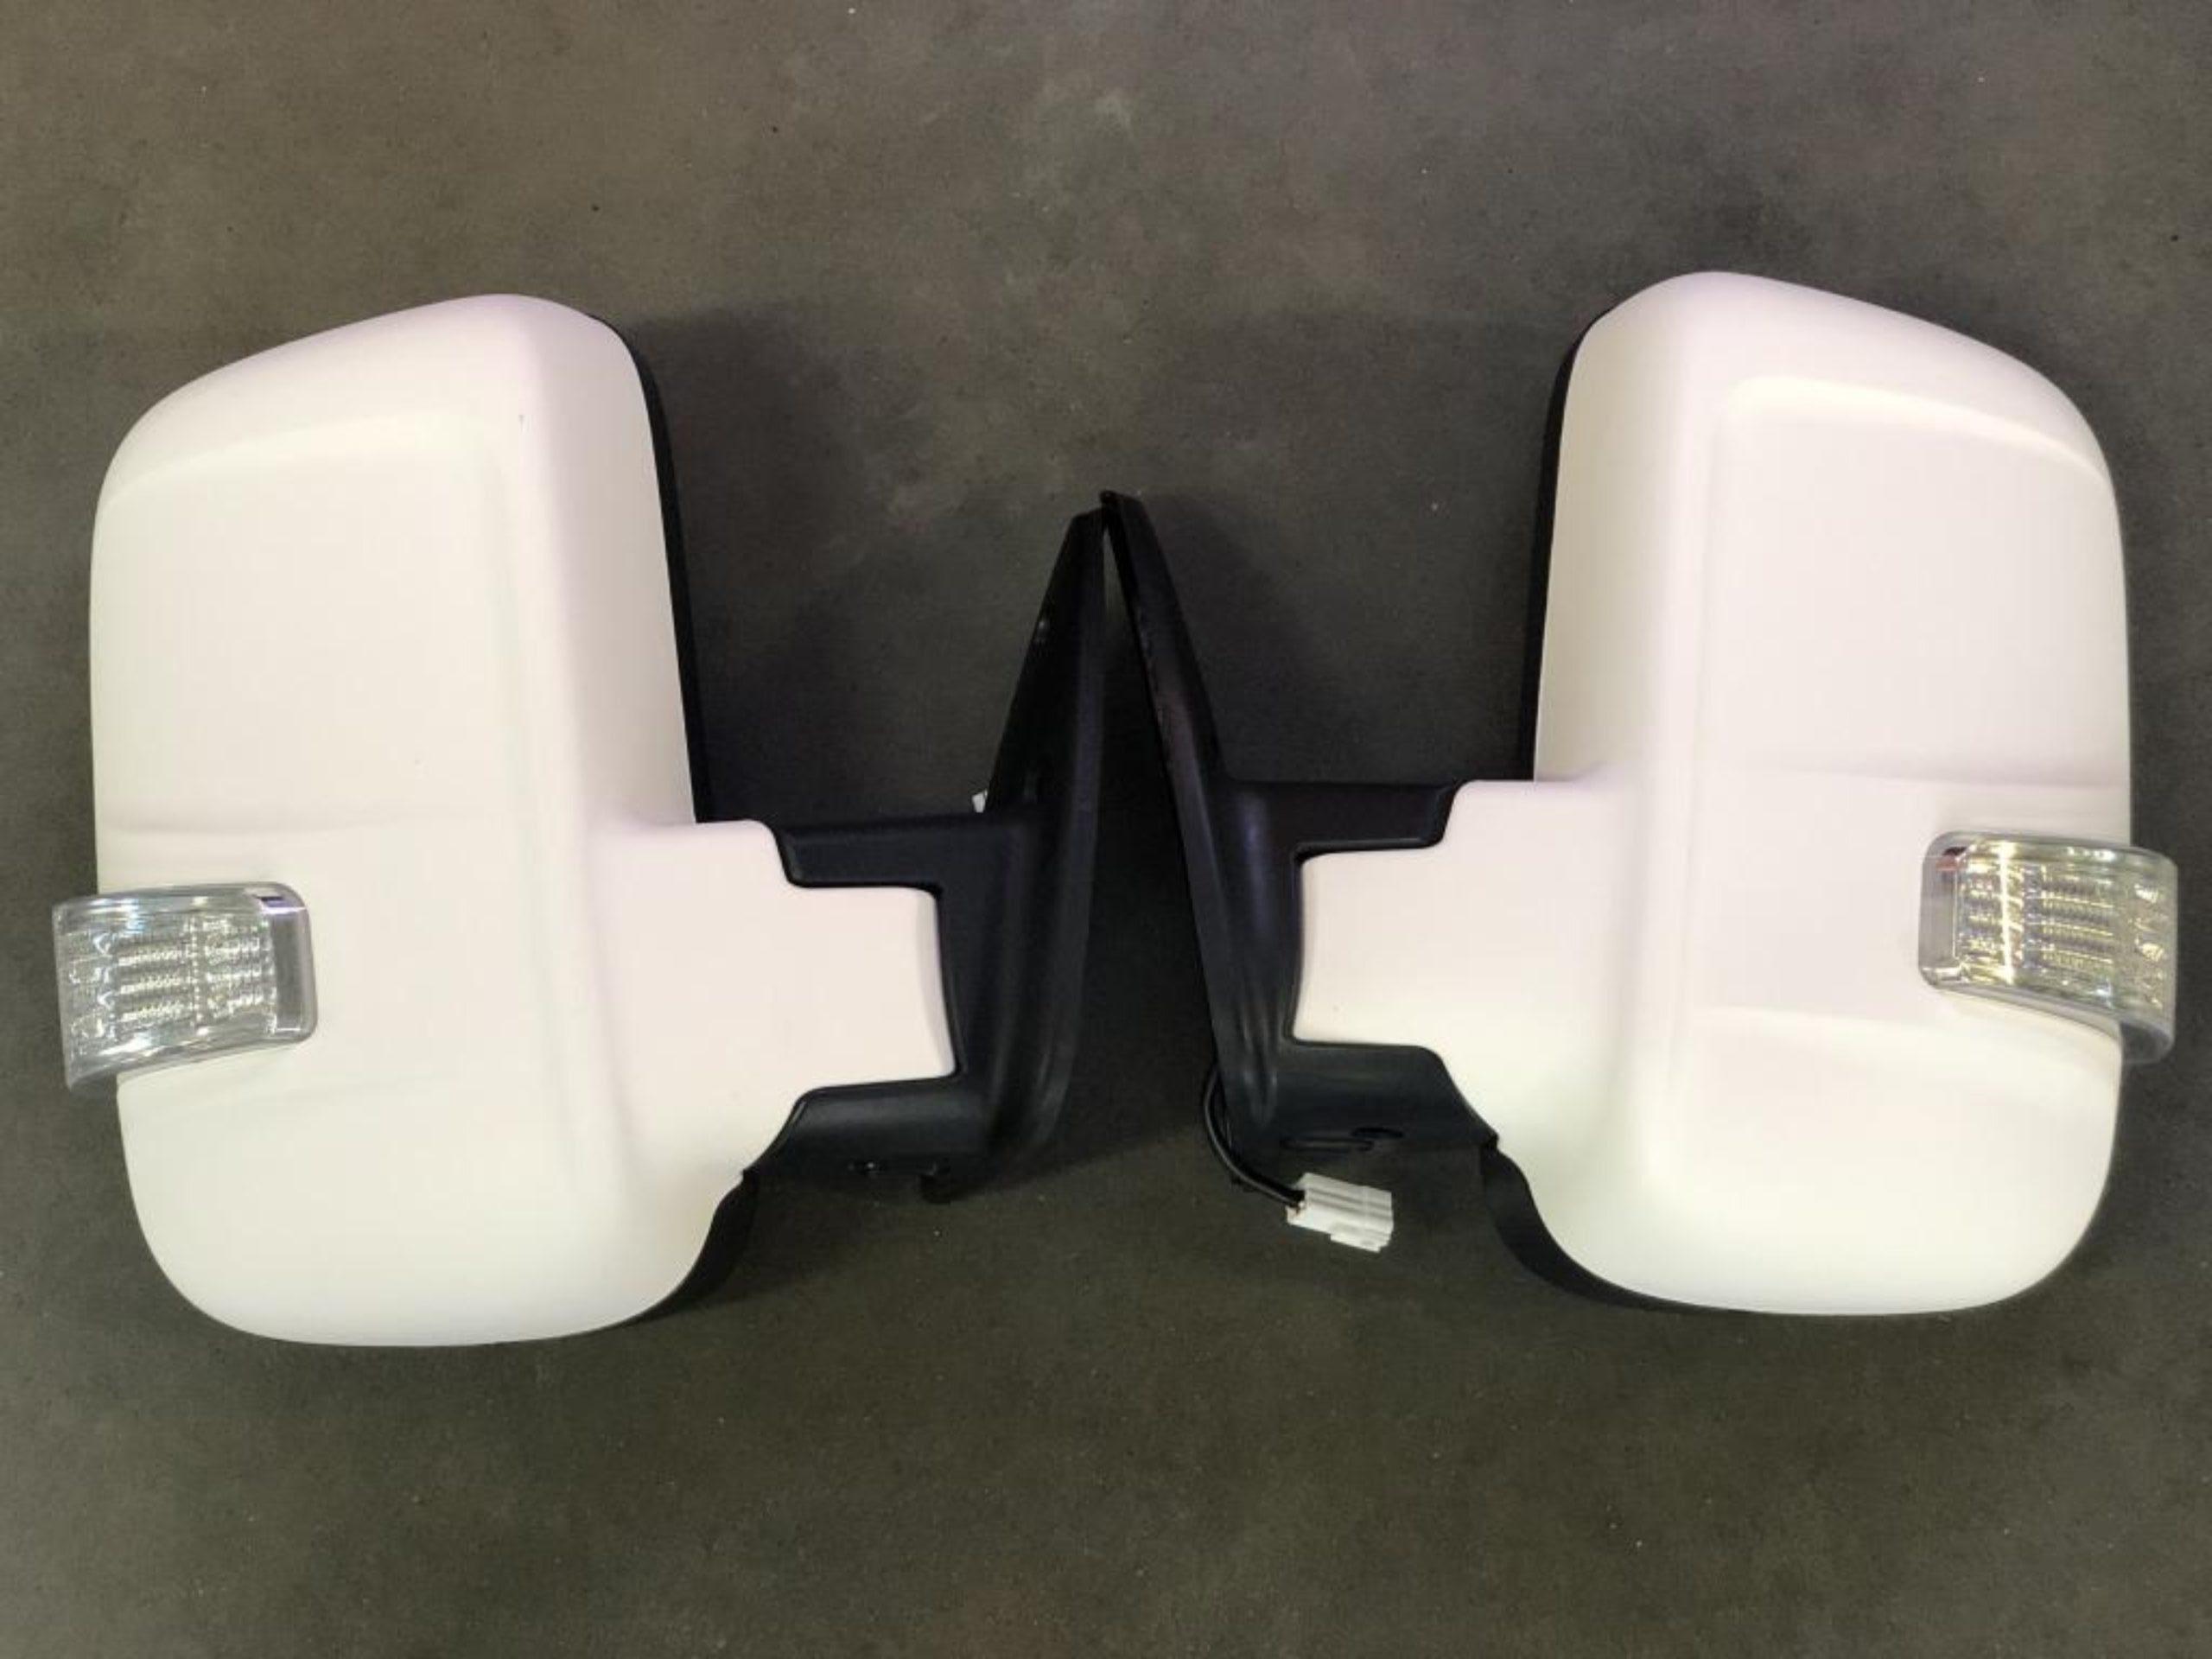 Комплект зеркал на газель Бизнес с повторителем и обогревом (с увеличенным углом обзора) белые матовые